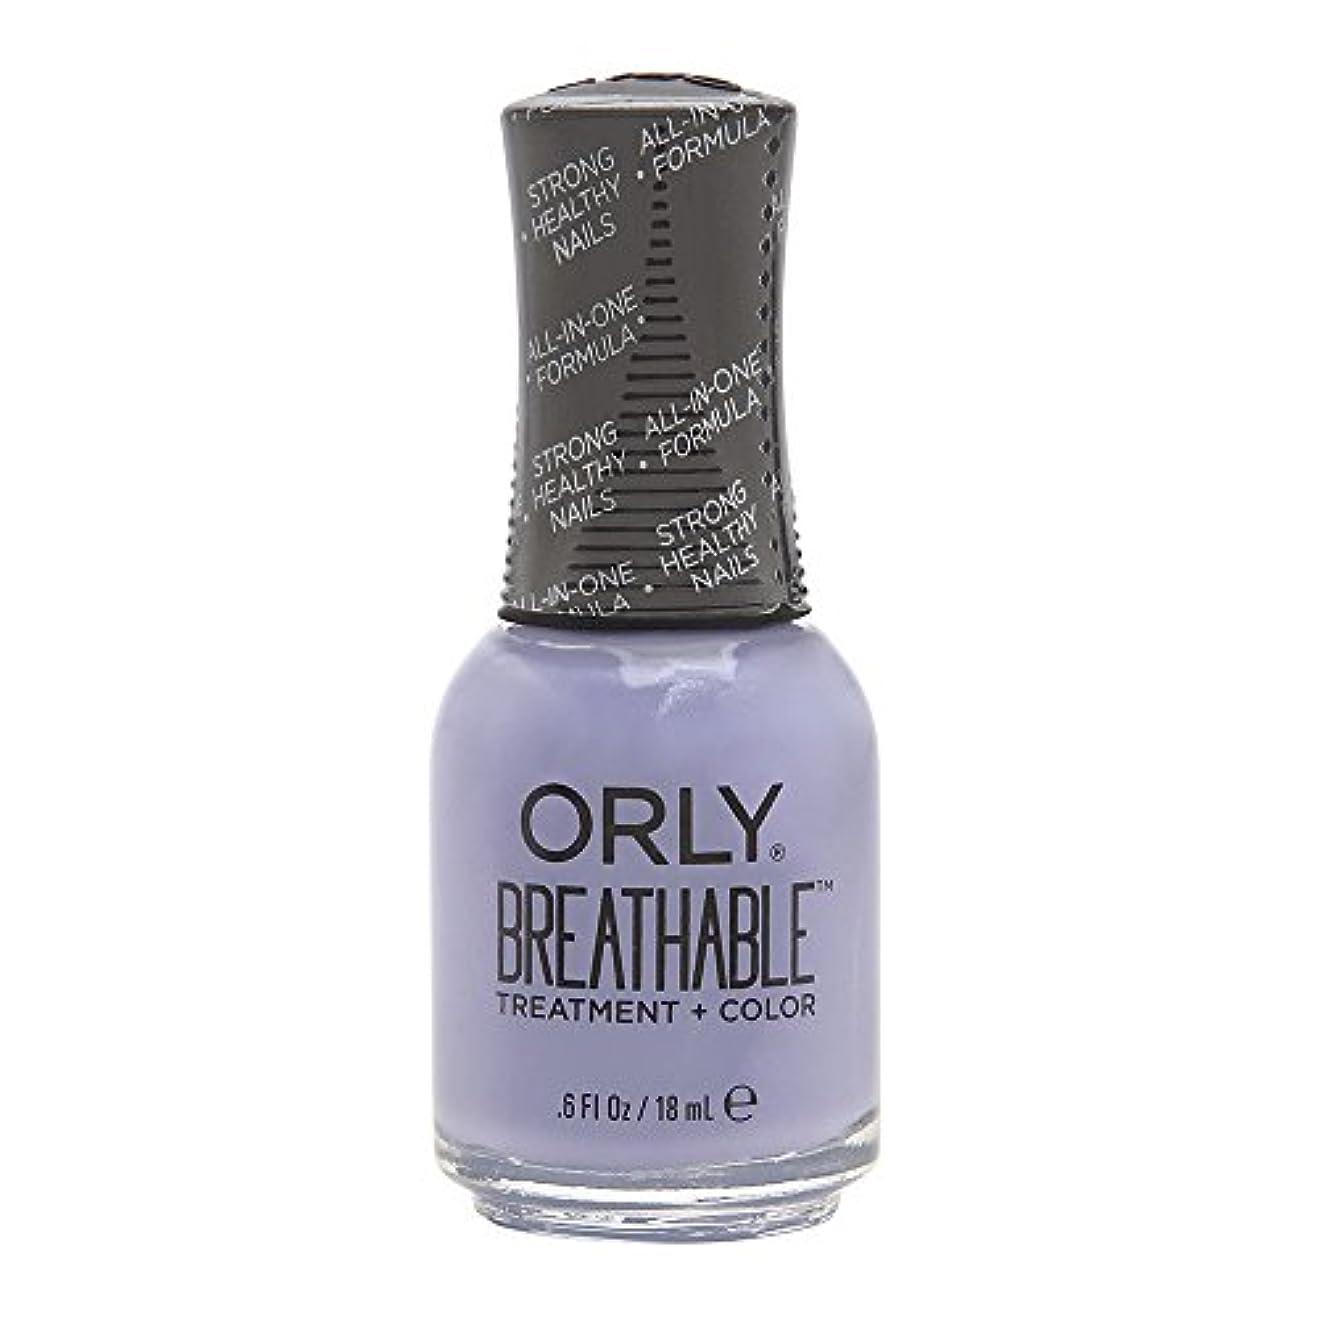 バット広がり盆地Orly Breathable Treatment + Color Nail Lacquer - Just Breathe - 0.6oz/18ml